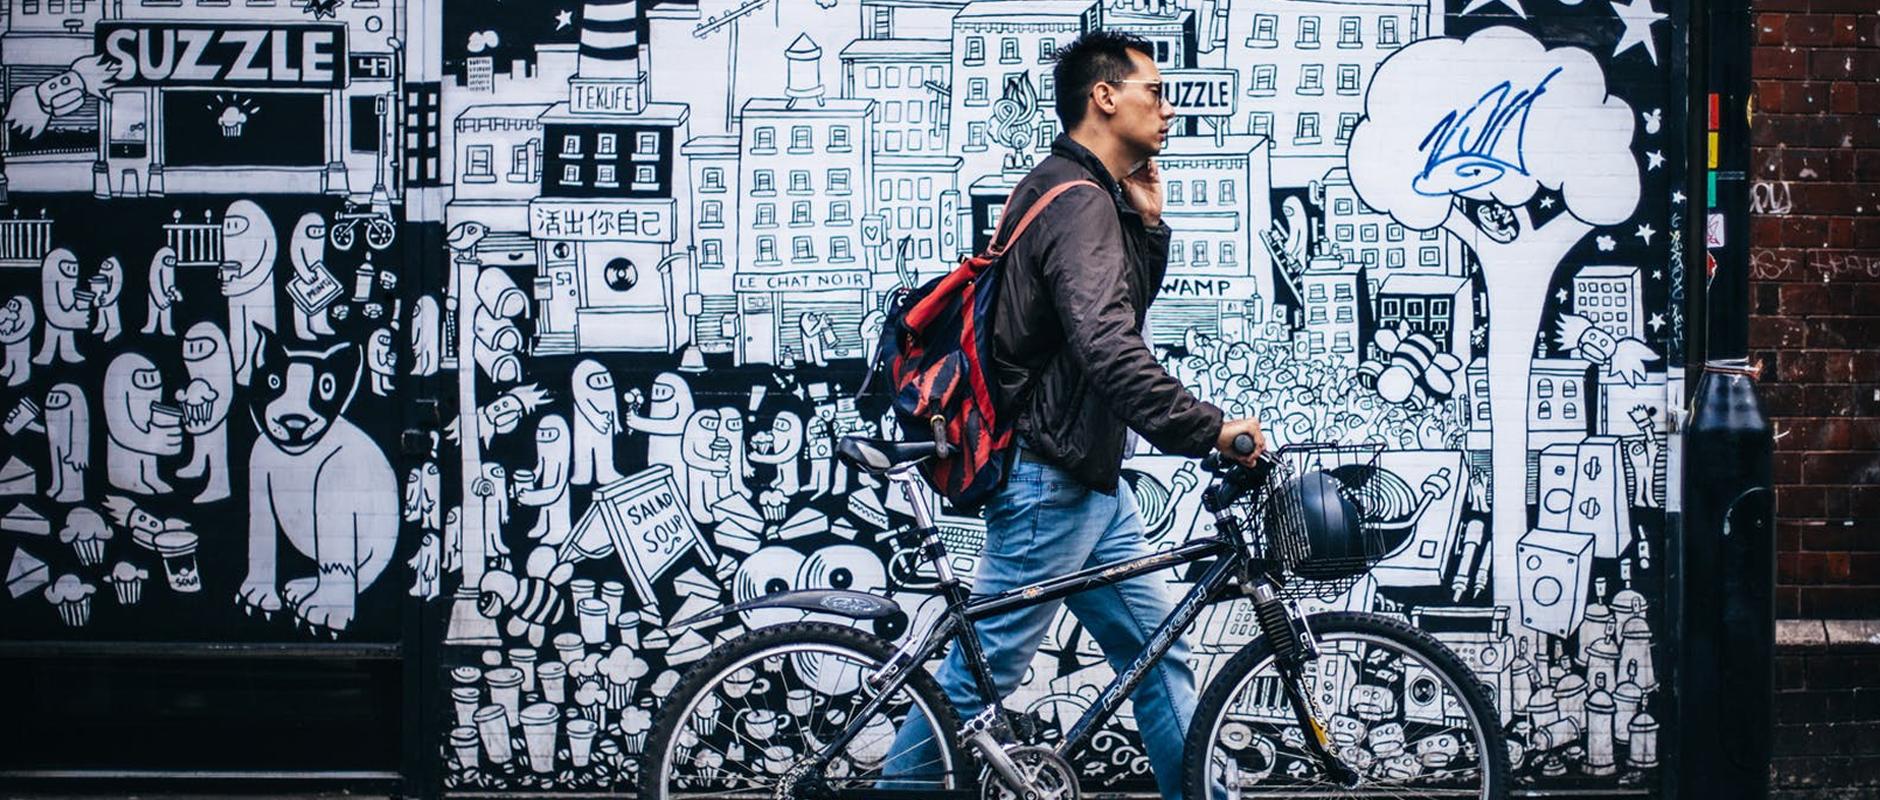 poster image 10 raisons d'aller au boulot à vélo dès aujourd'hui. Moins de charges pour la société. - 10 raisons d'aller au boulot à vélo dès aujourd'hui.